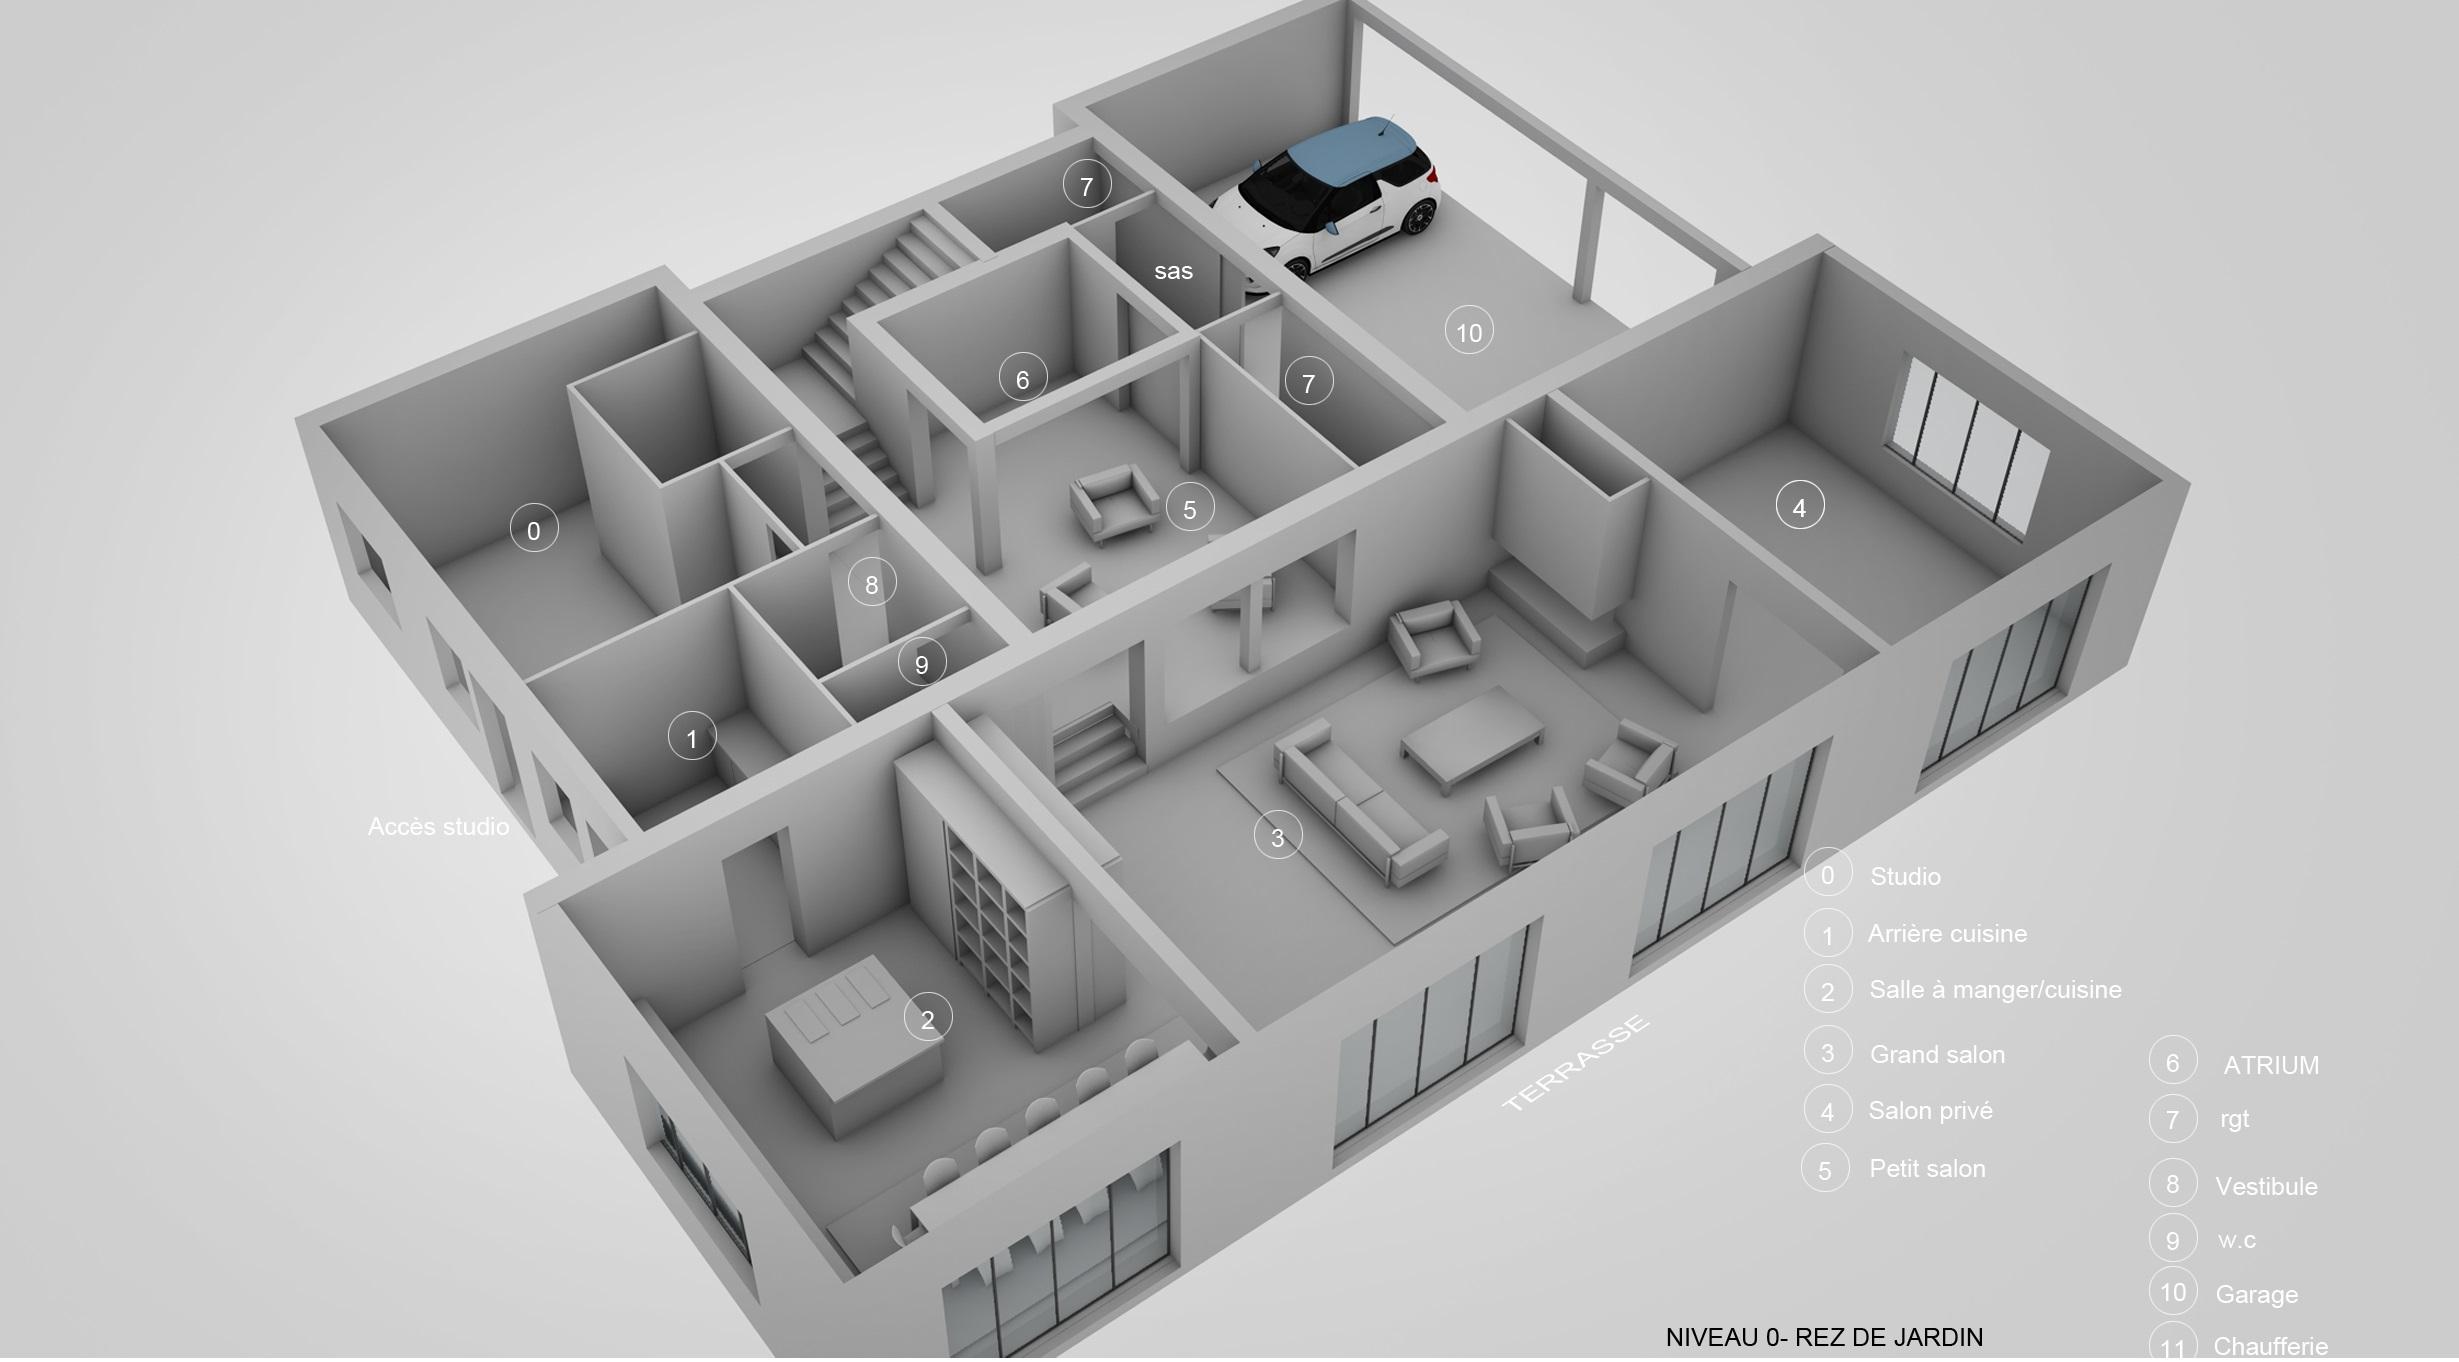 Rénovation et réhabilitation d'une maison – Chiberta